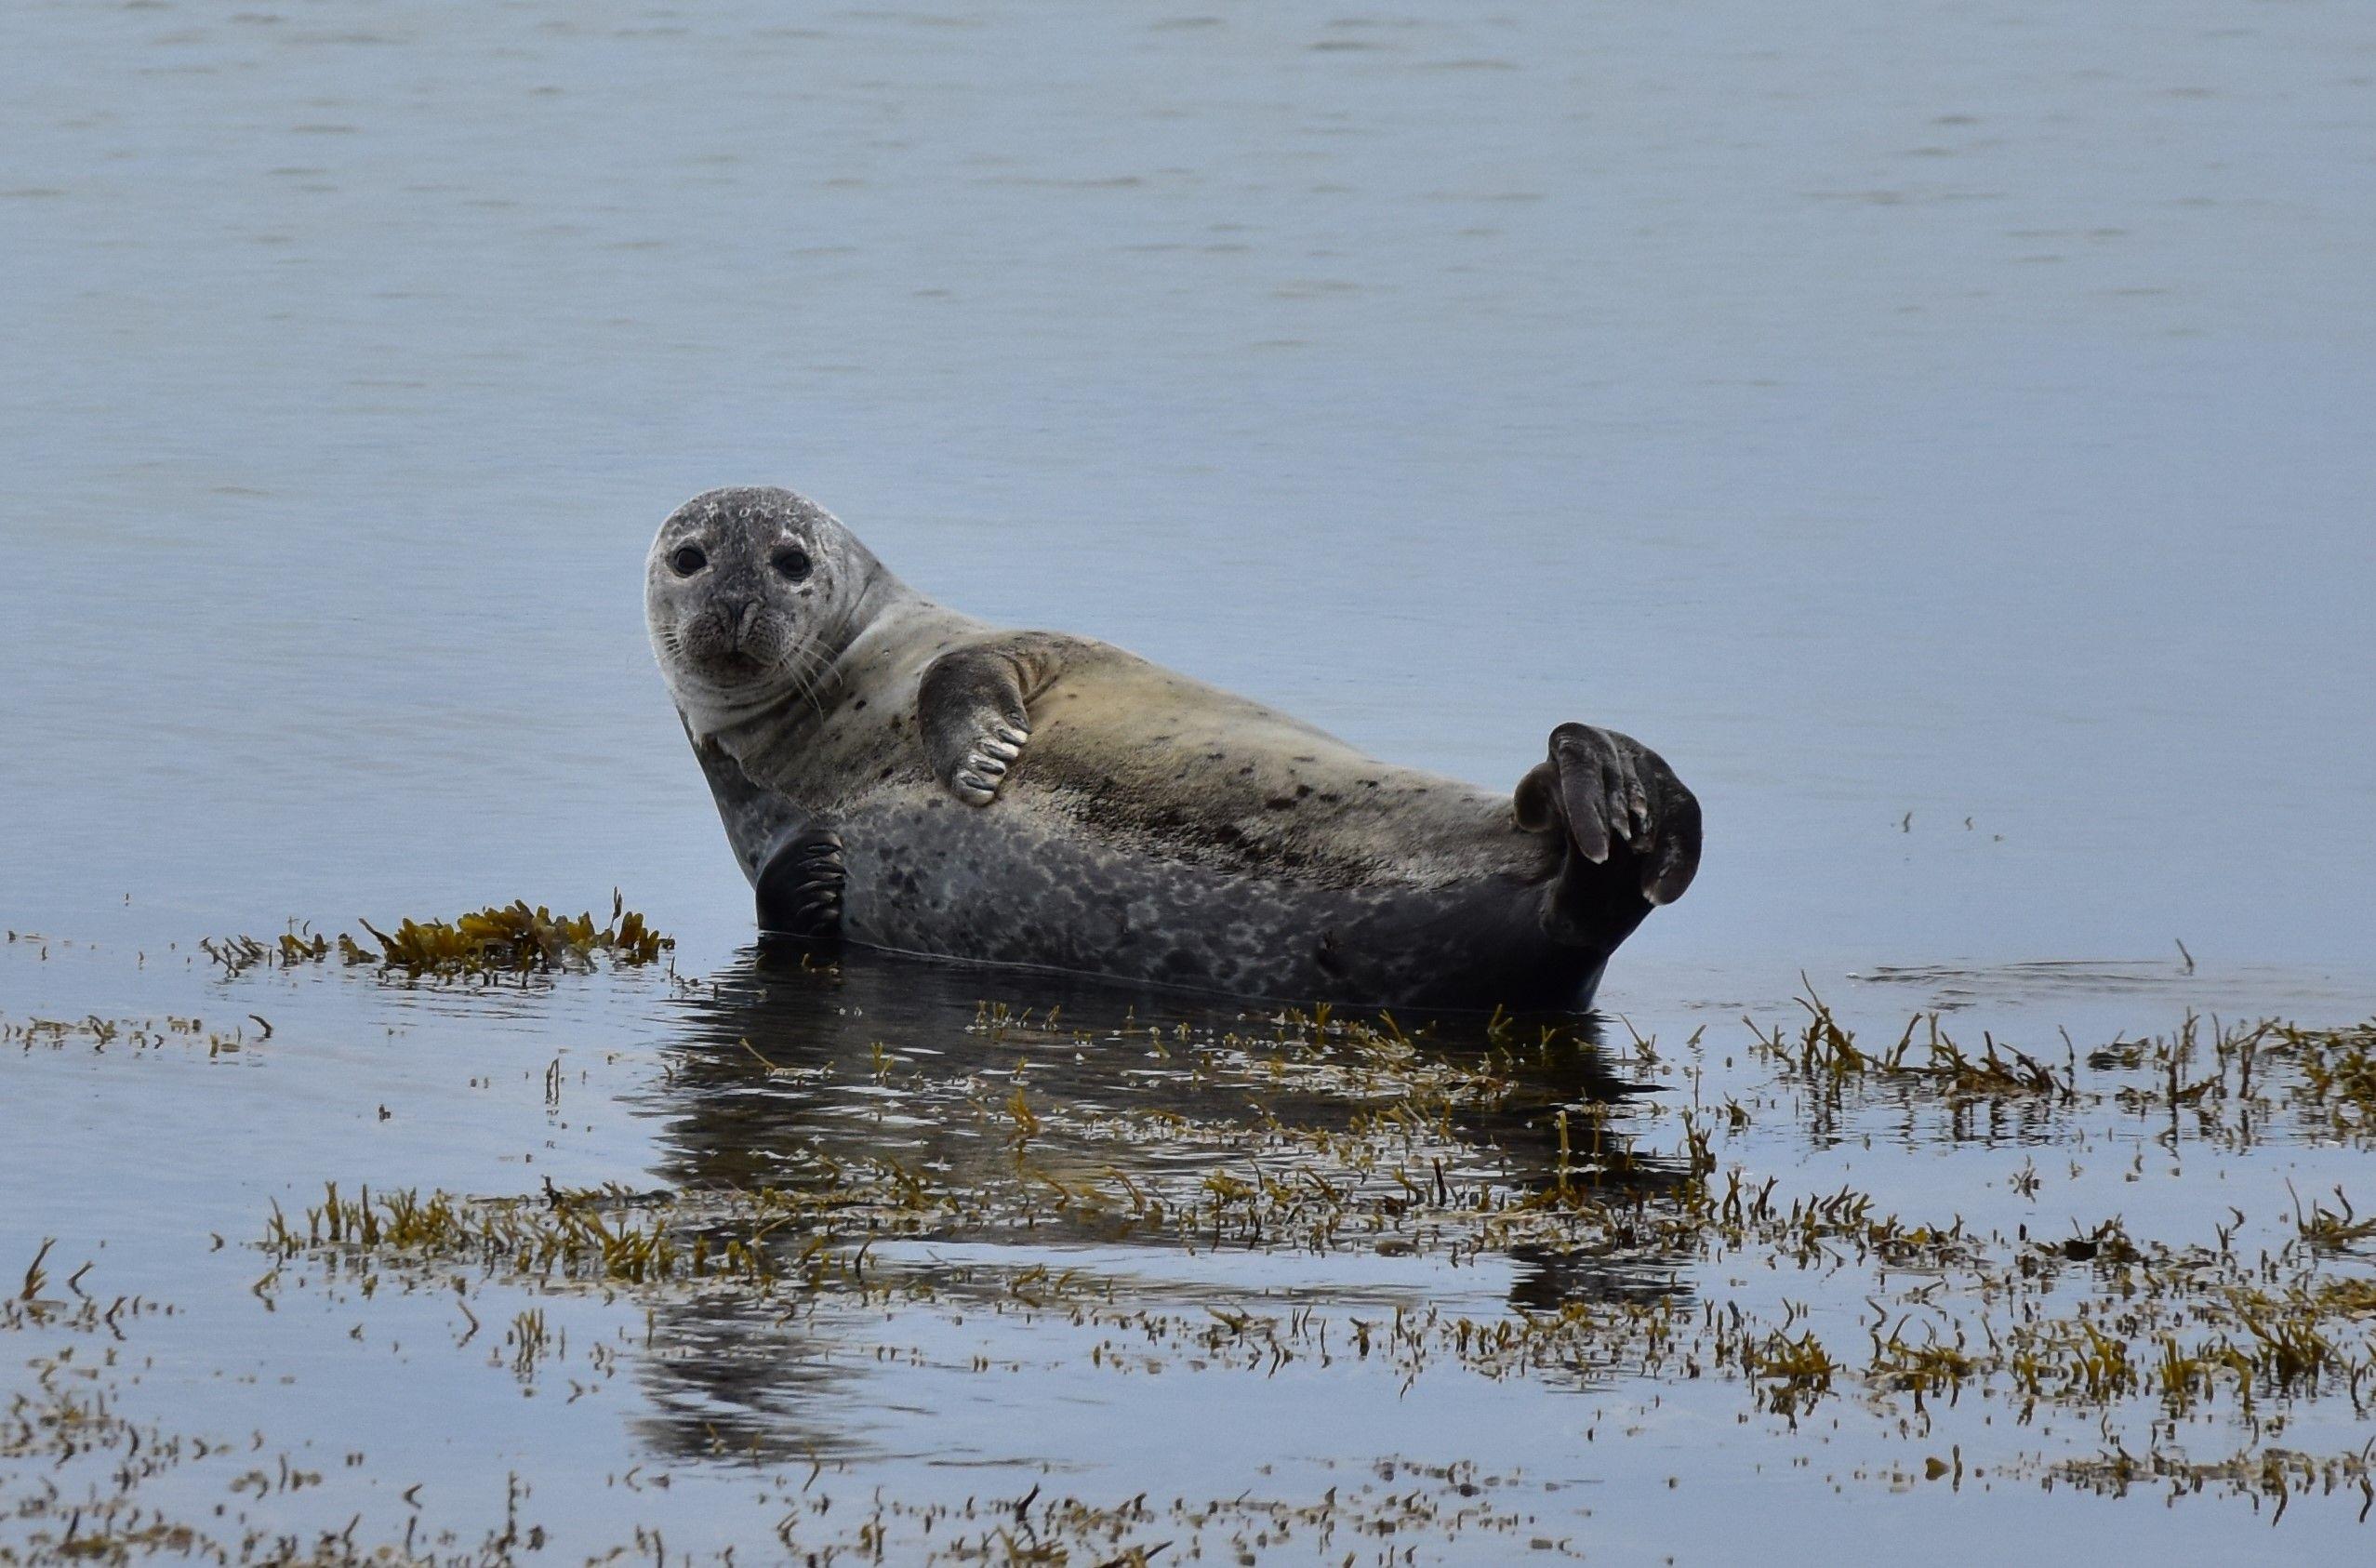 Una foca saludándonos desde la playa